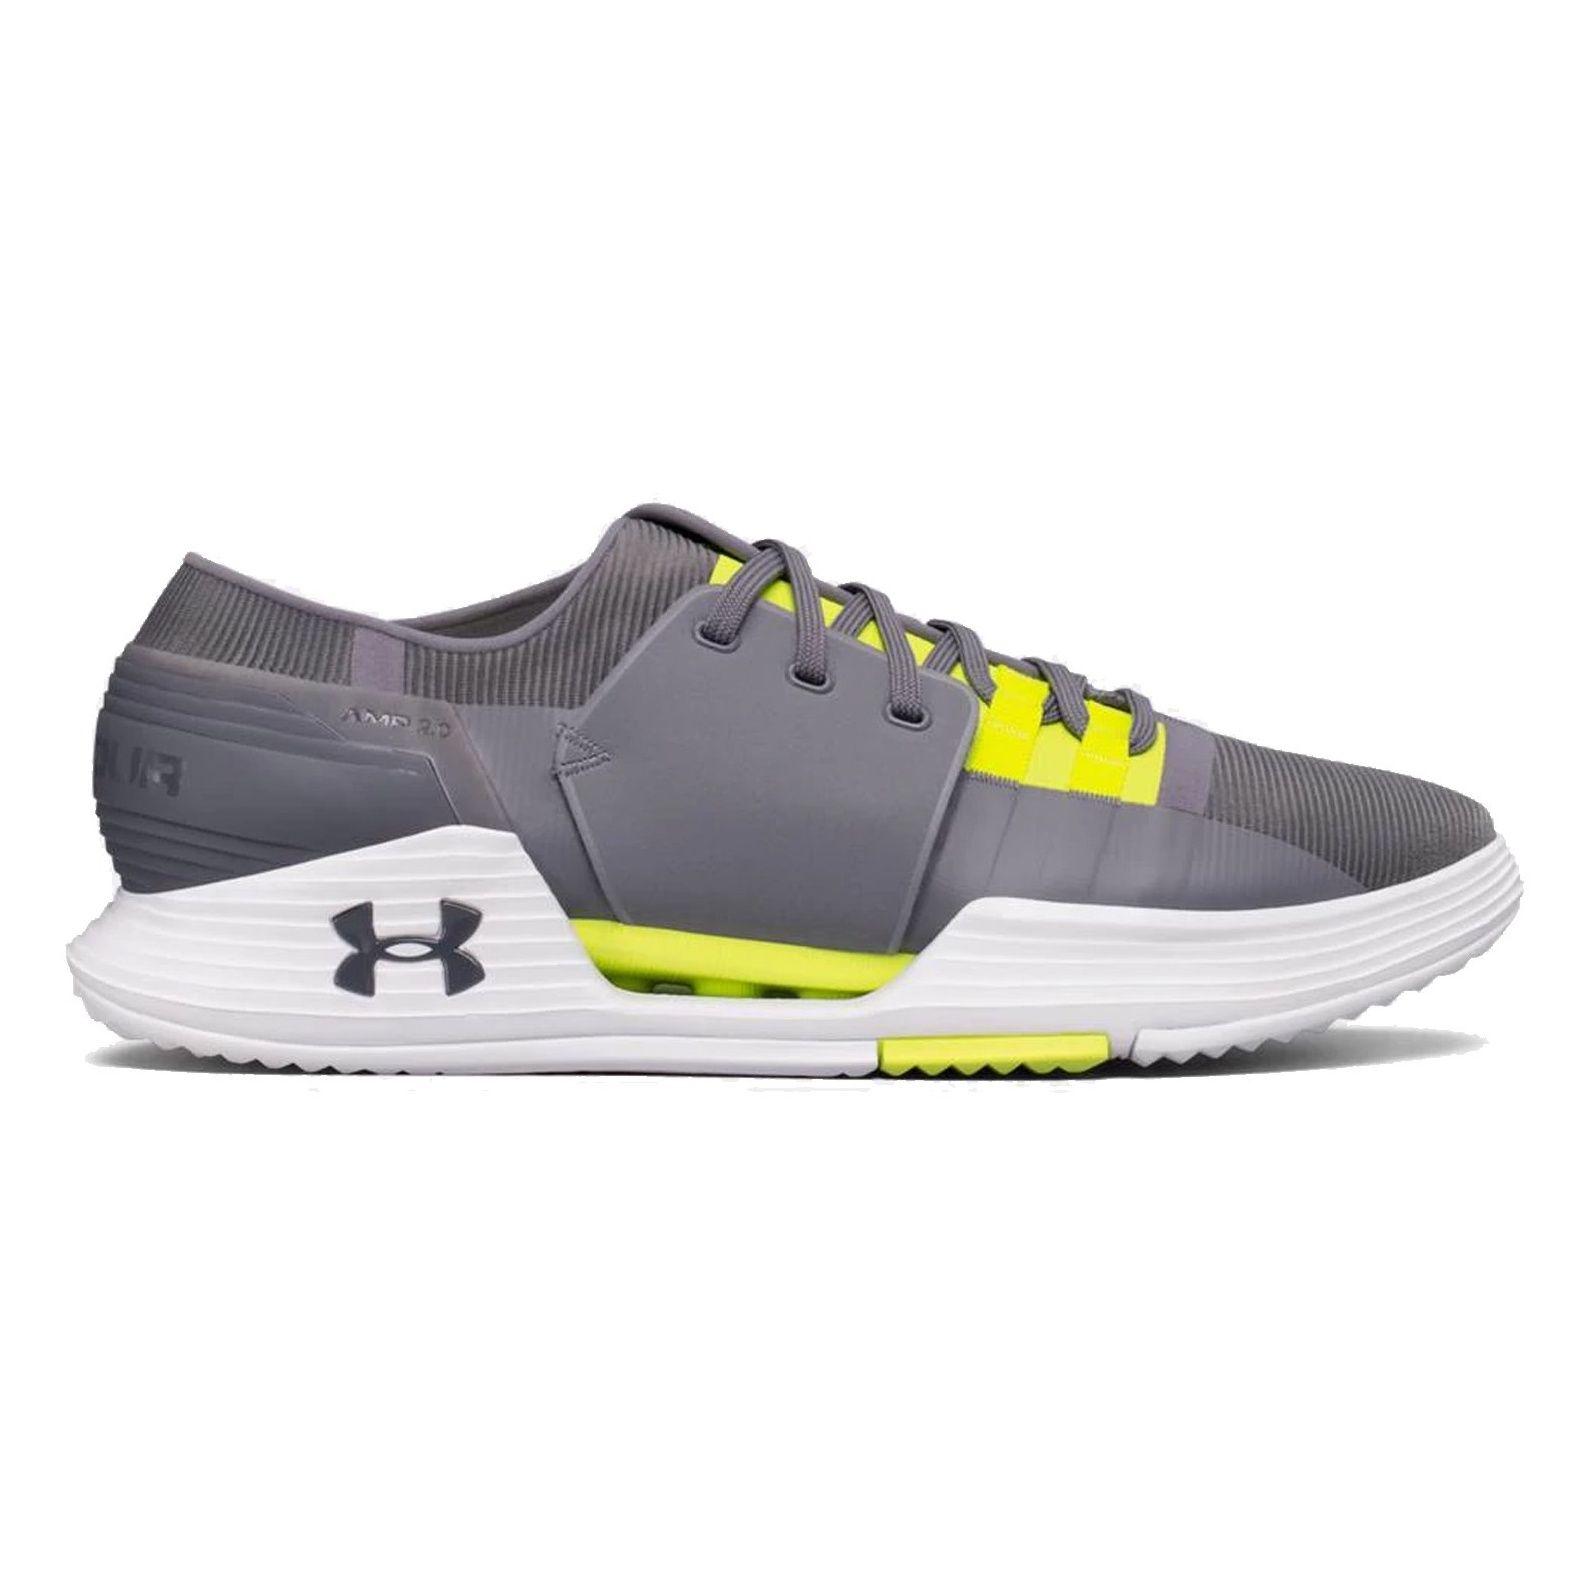 کفش تمرین بندی مردانه SpeedForm AMP 2 - آندر آرمور - طوسي - 1